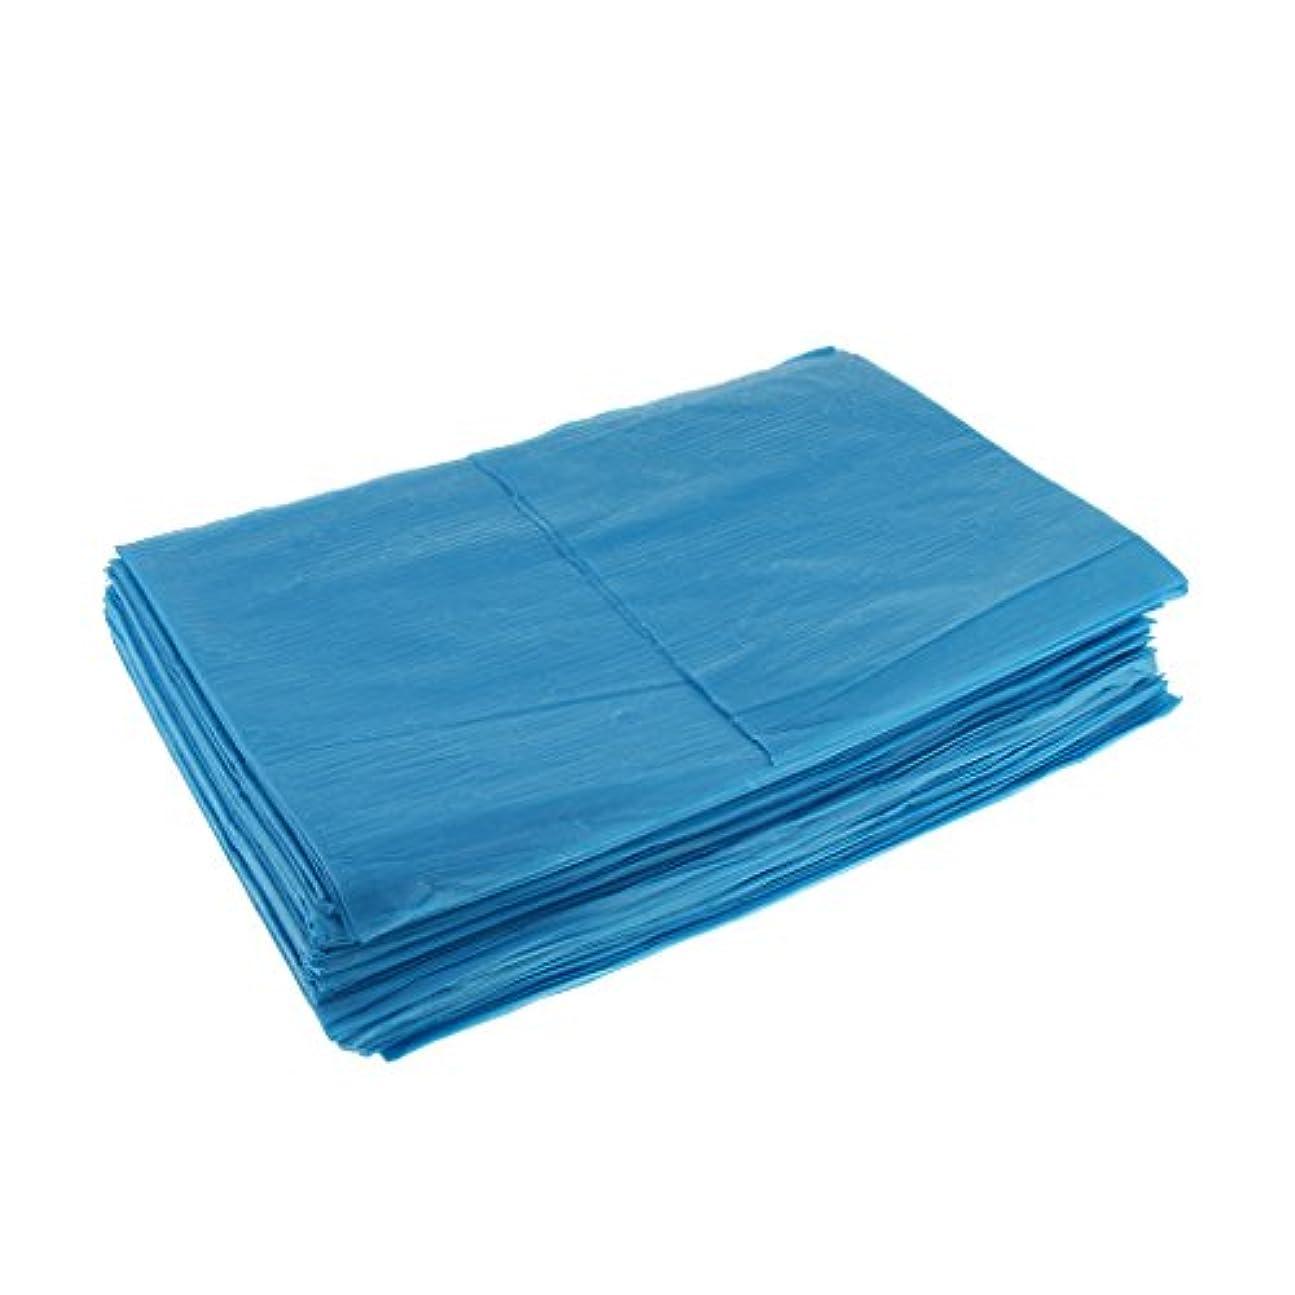 想起運動ガムKesoto 10枚 使い捨てベッドシーツ 使い捨て 美容 マッサージ サロン ホテル ベッドパッド カバー シート 2色選べ - 青